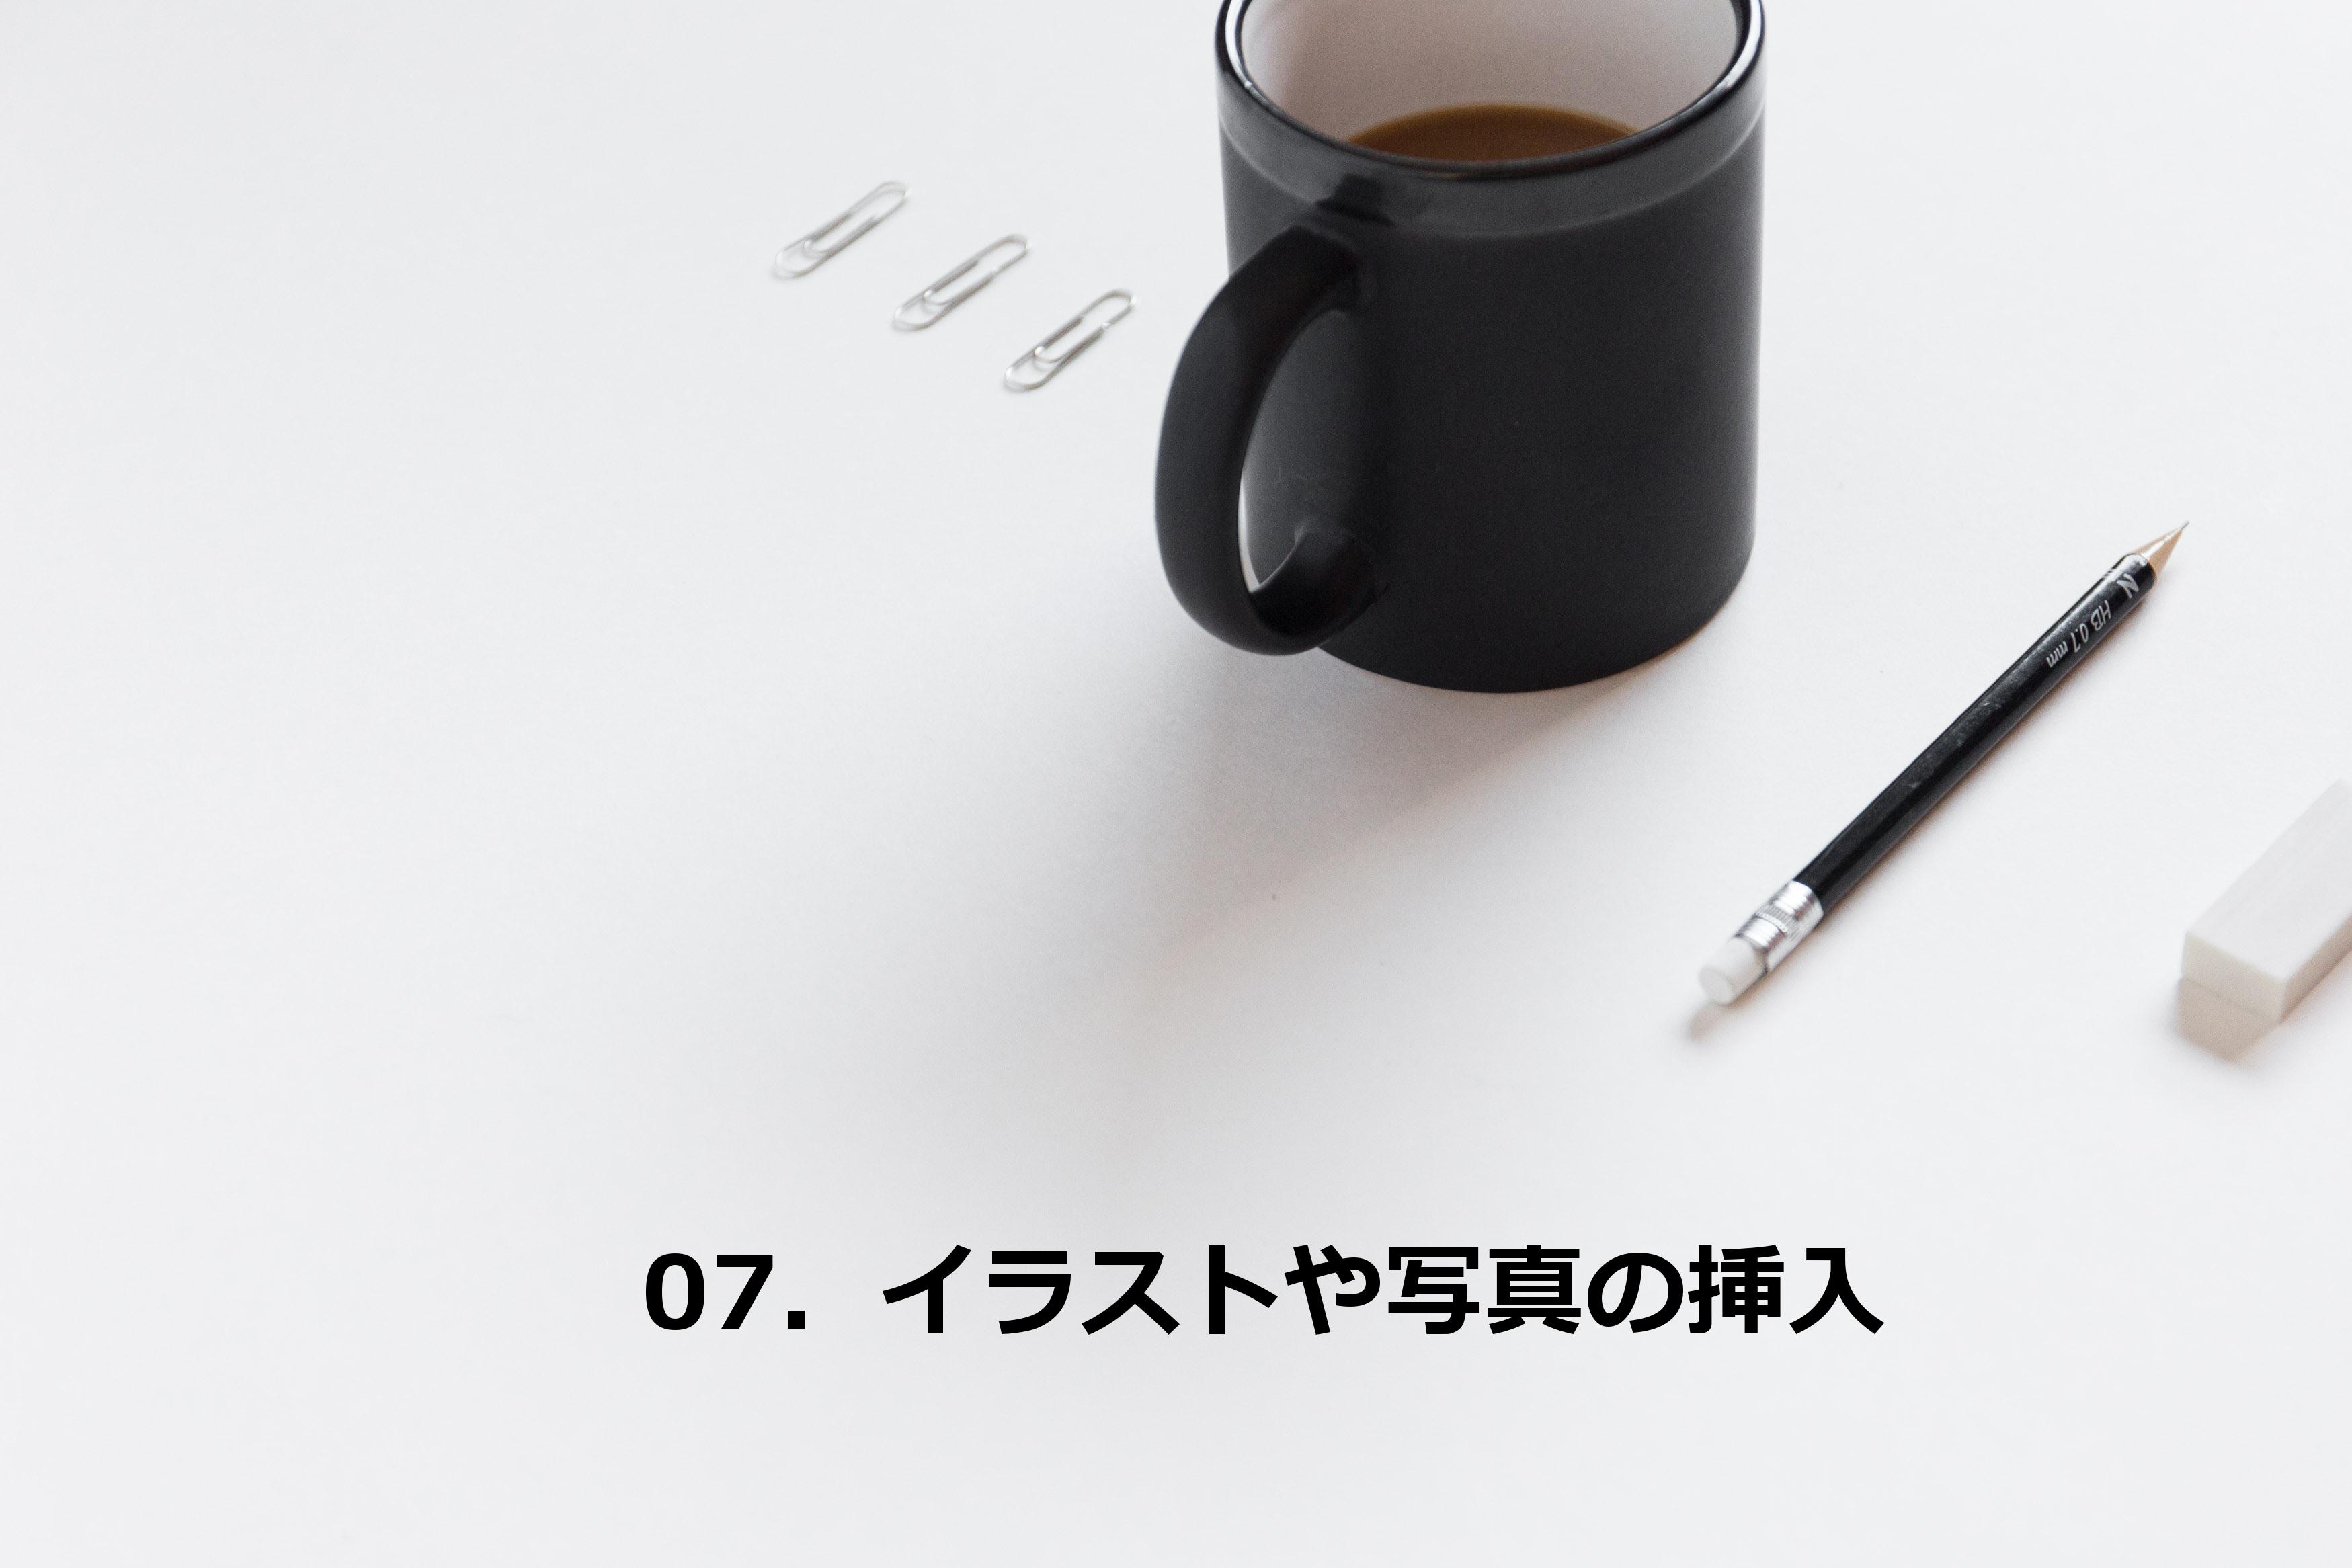 07.イラストや写真の挿入